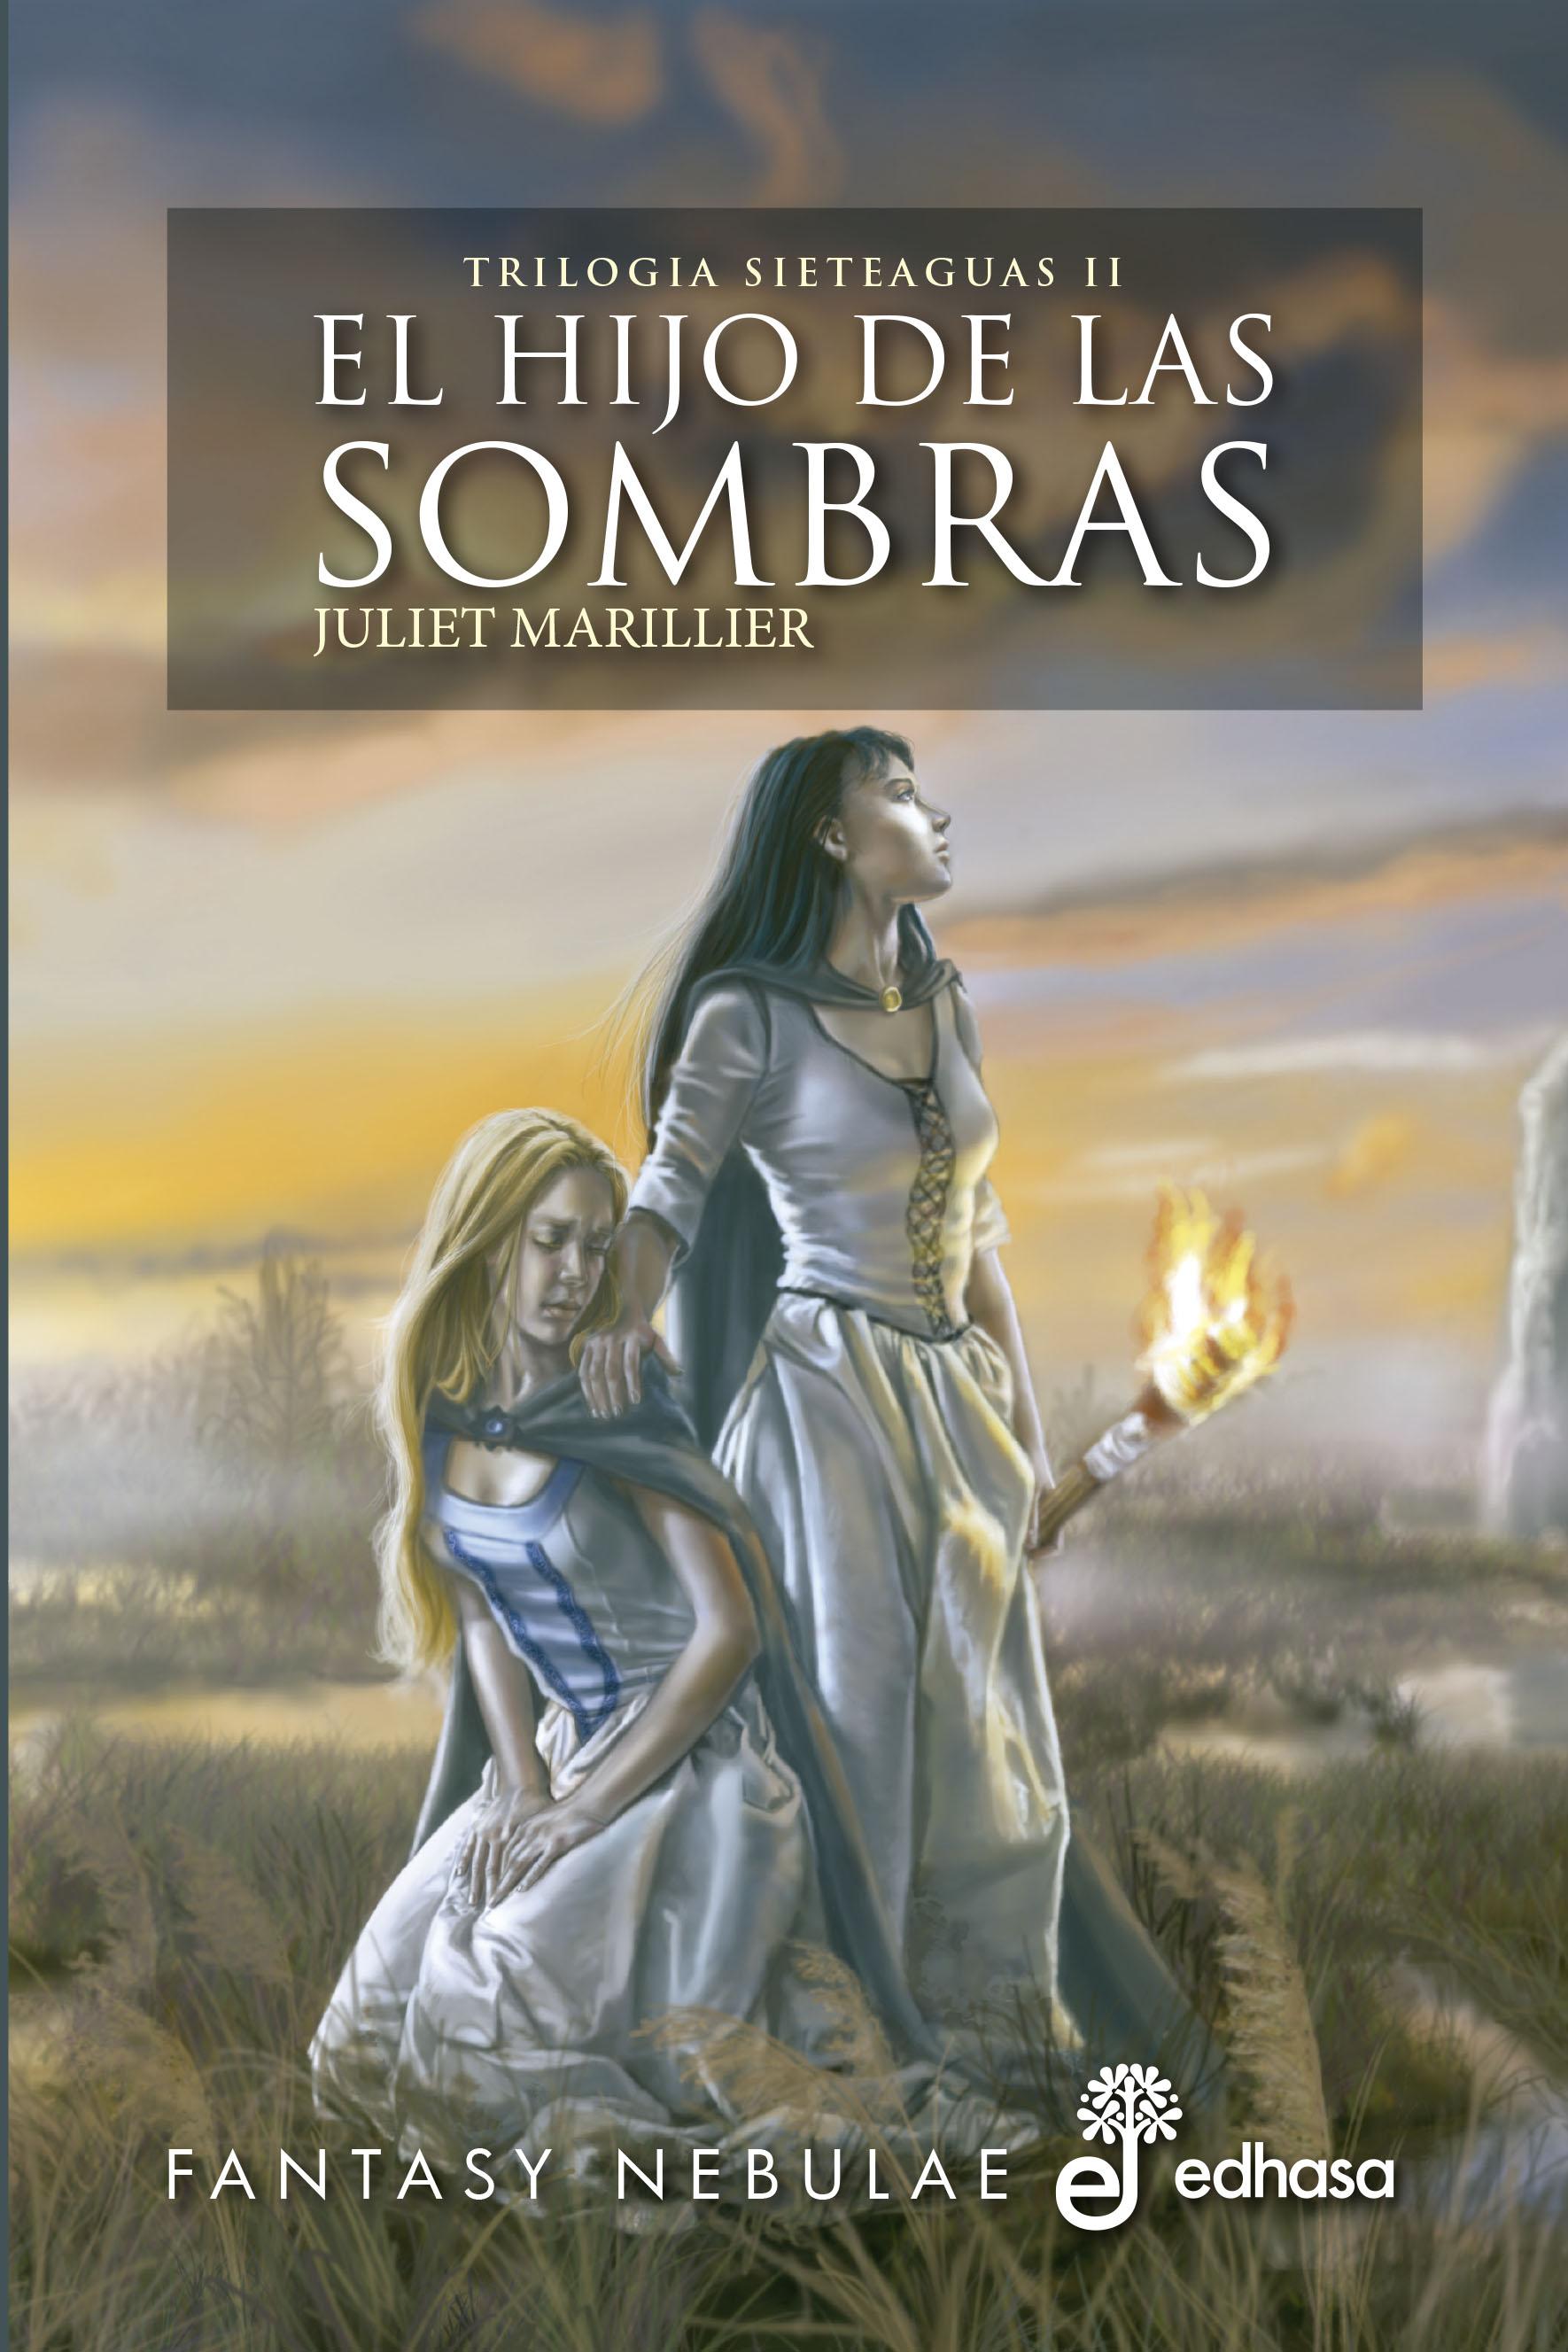 El hijo de las sombras - Marillier Juliet